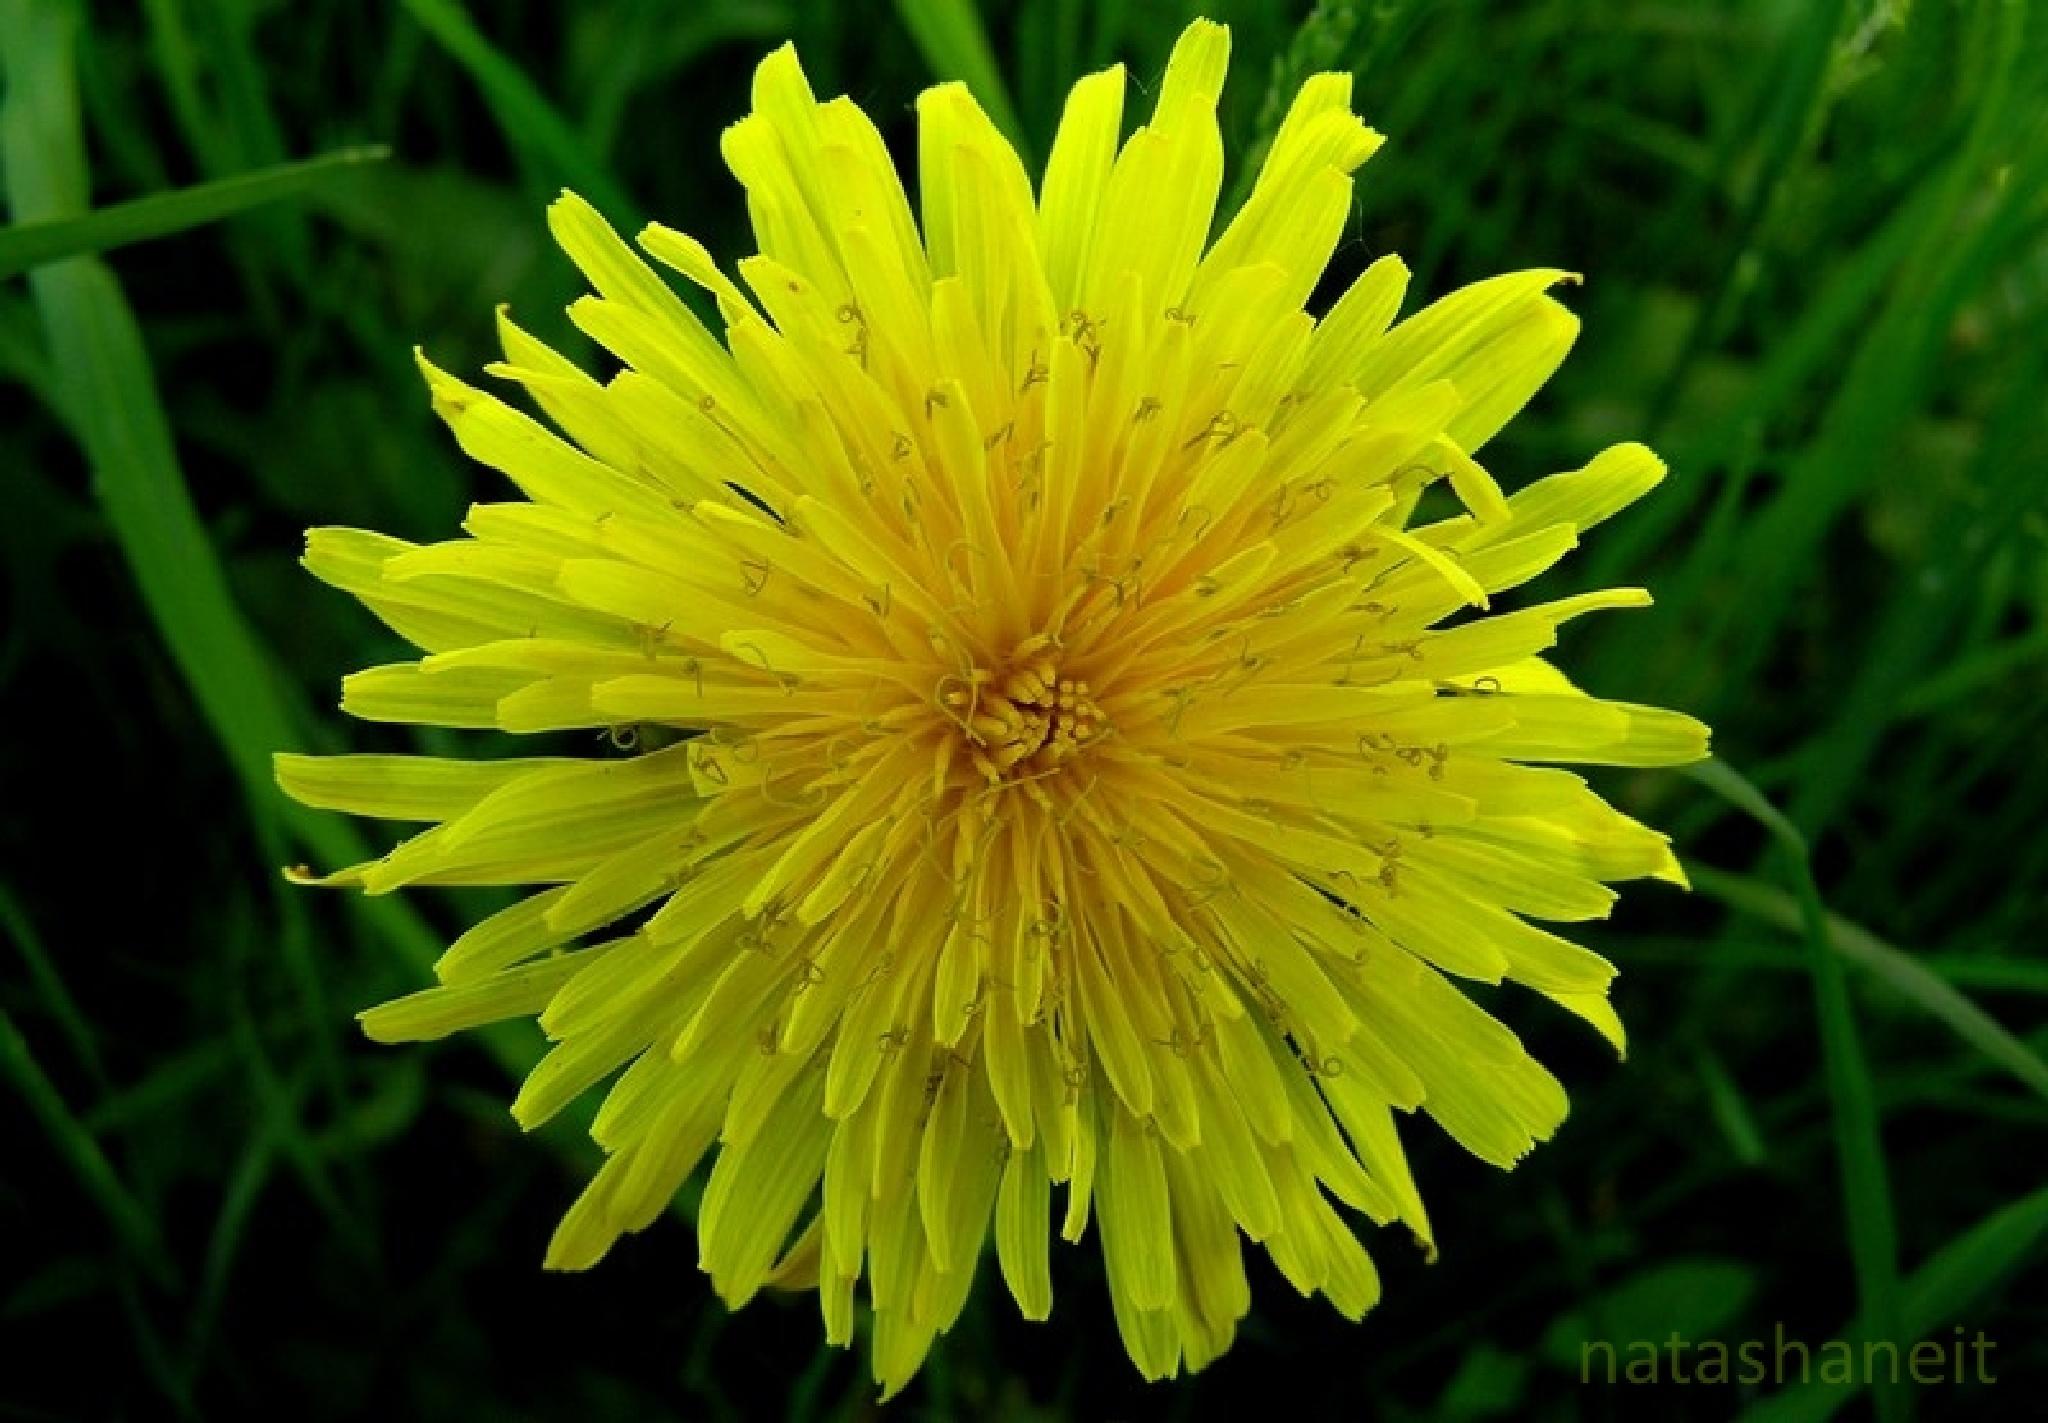 Dandelion by natashaneit